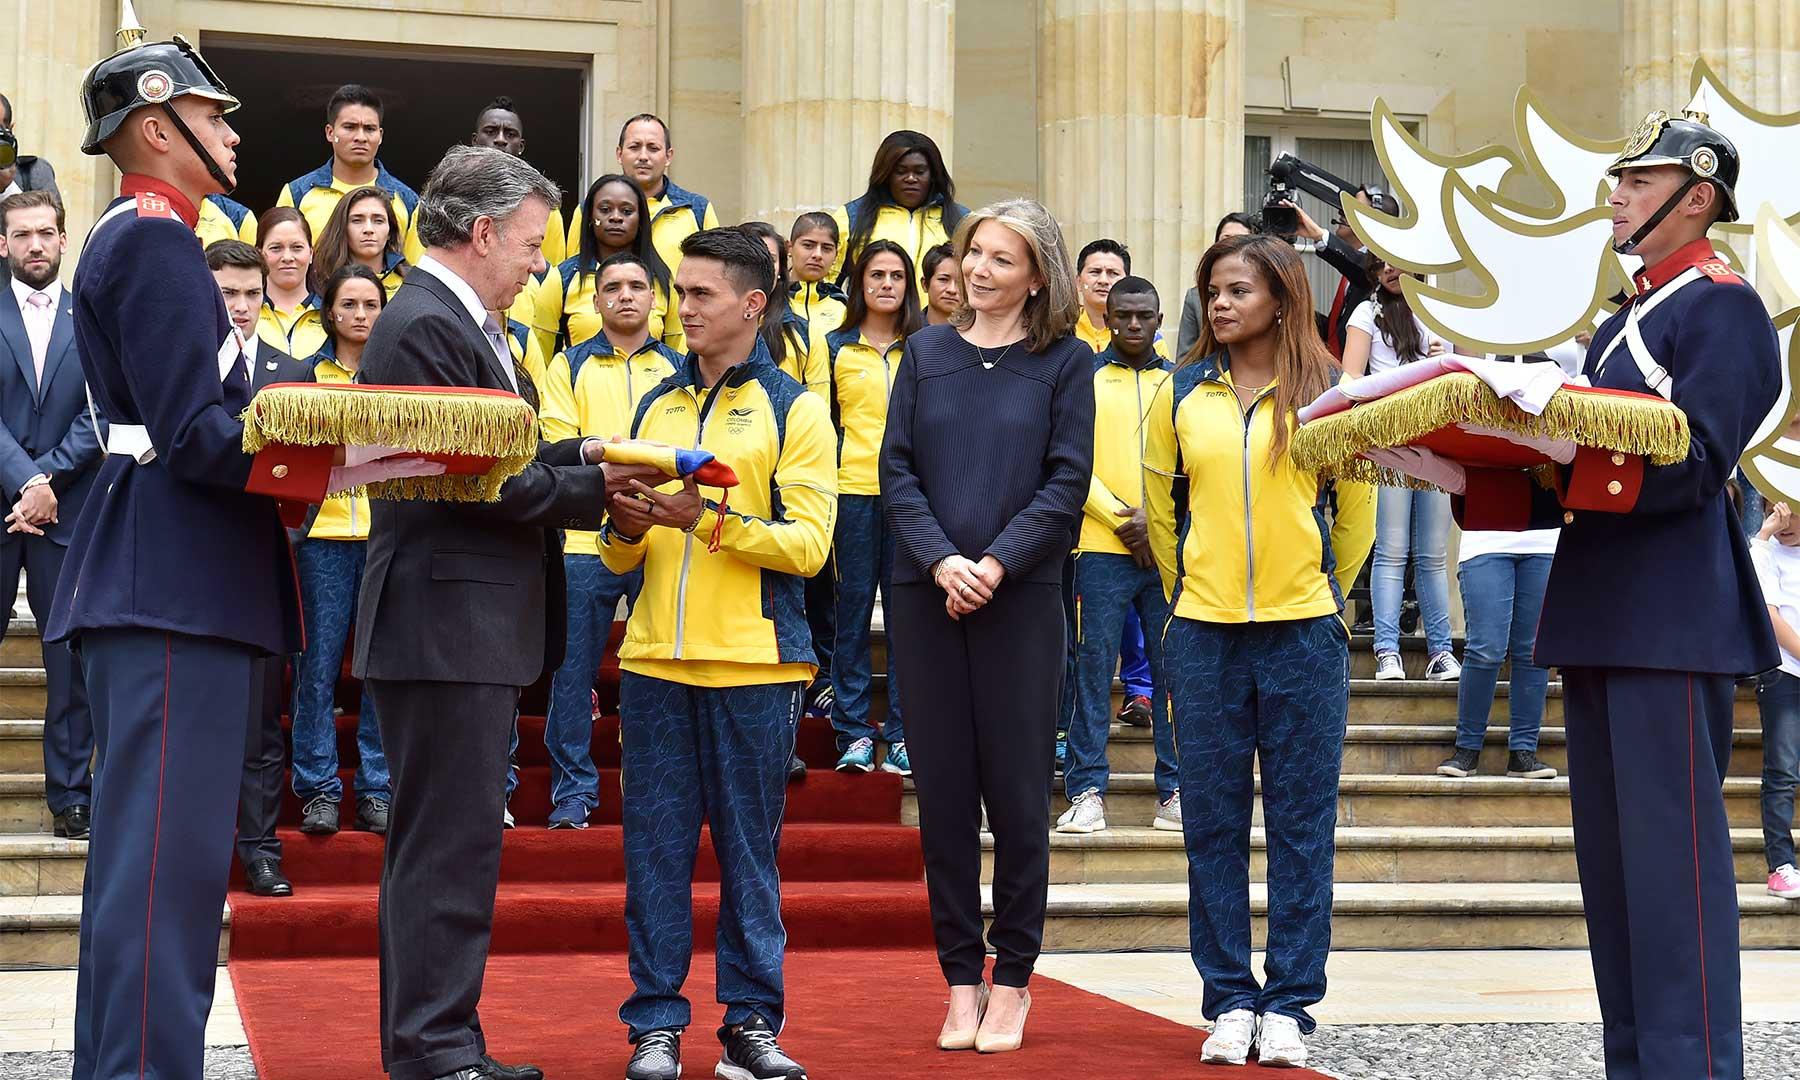 A través del gimnasta Jossimar Calvo, el Presidente Juan Manuel Santos entregó el Pabellón Nacional a la delegación de deportistas de Colombia que competirán en los Juegos Olímpicos de Río de Janeiro.